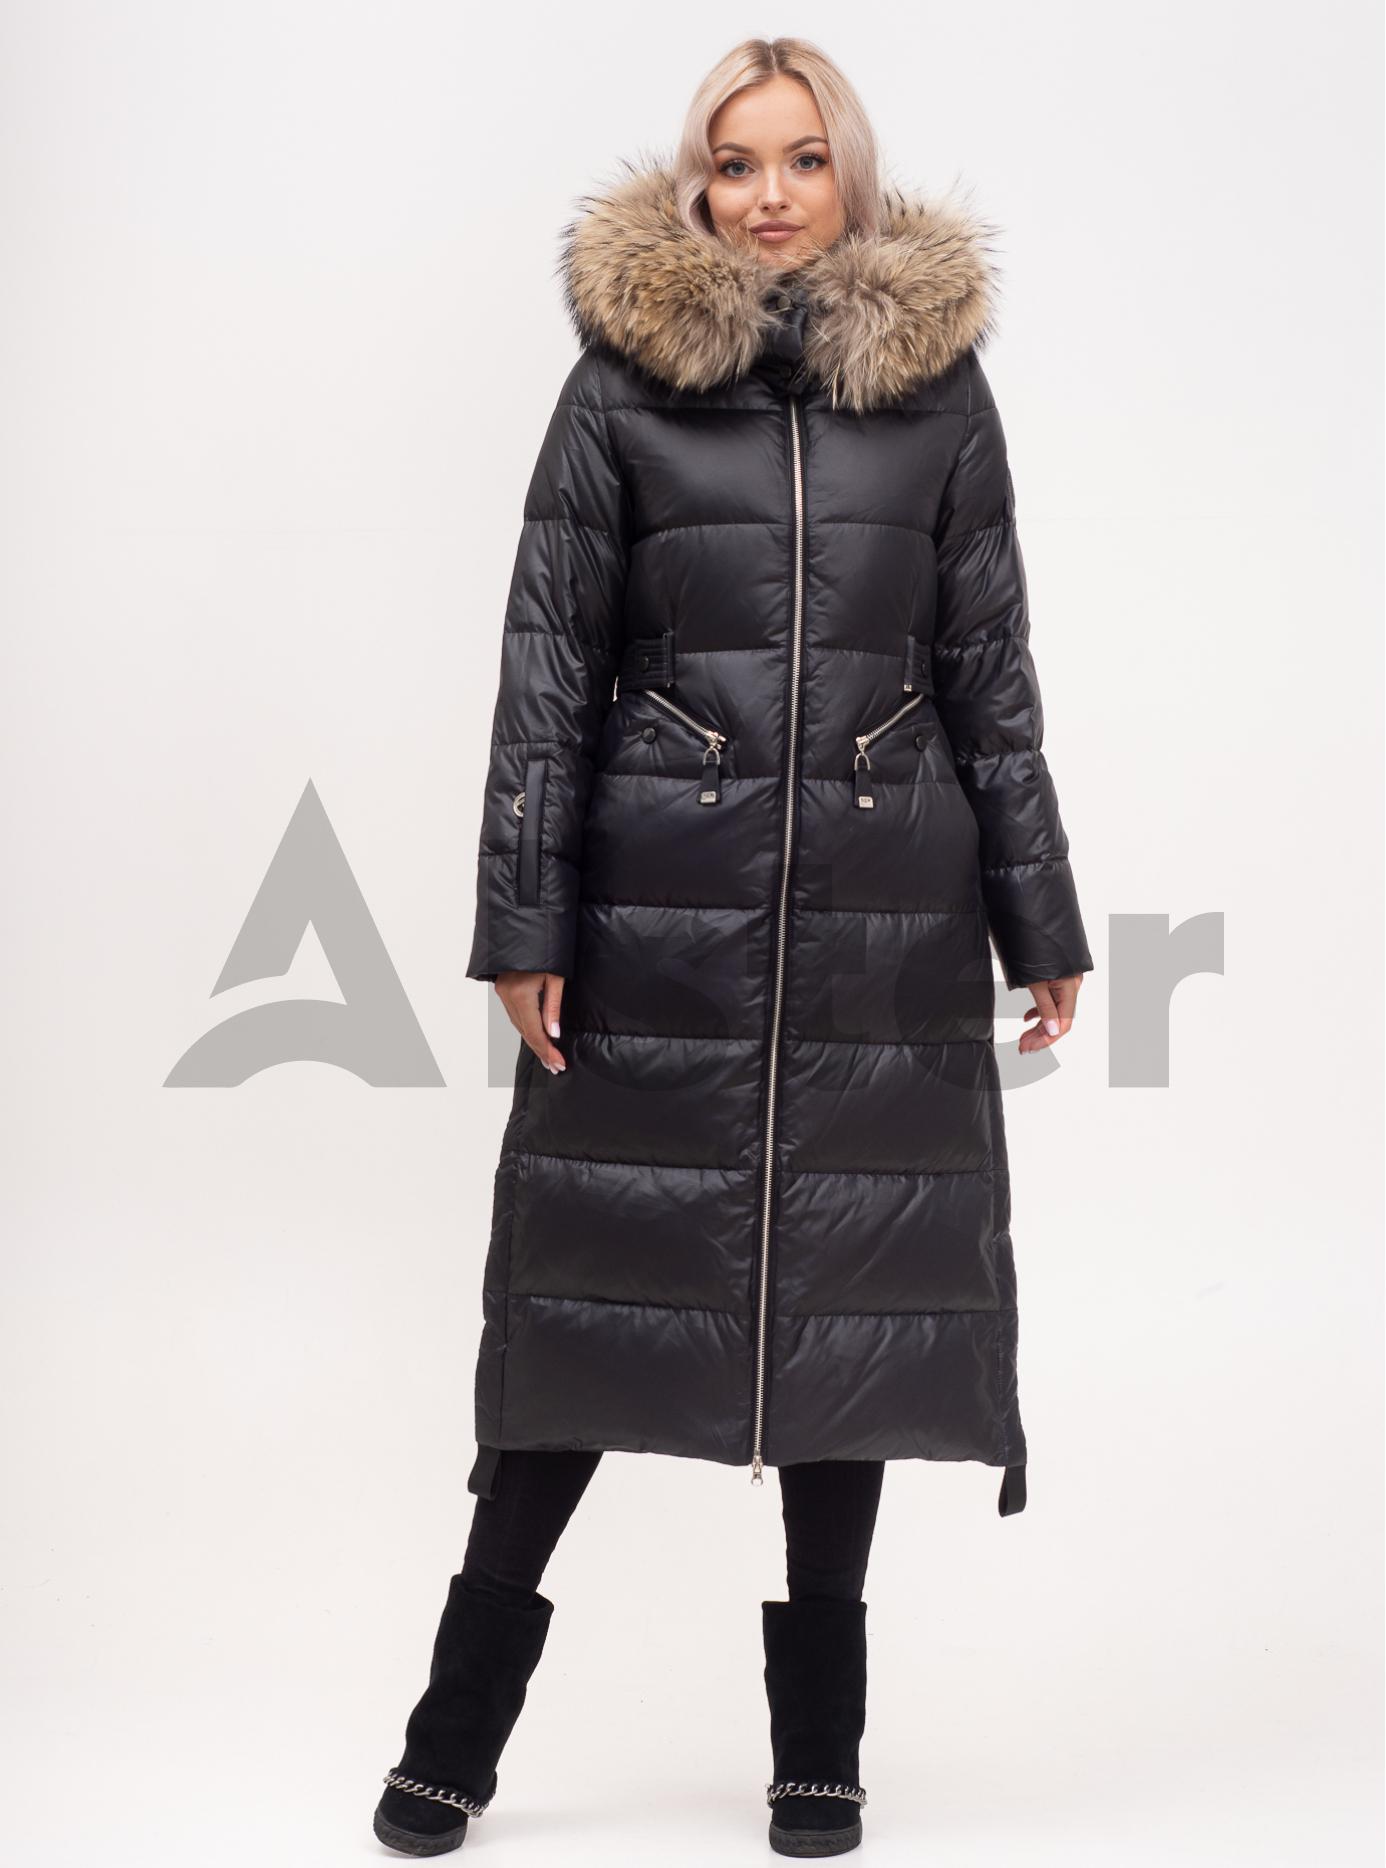 Пуховик зимний длинный на молнии с мехом енота Чёрный S (01-N200465): фото - Alster.ua